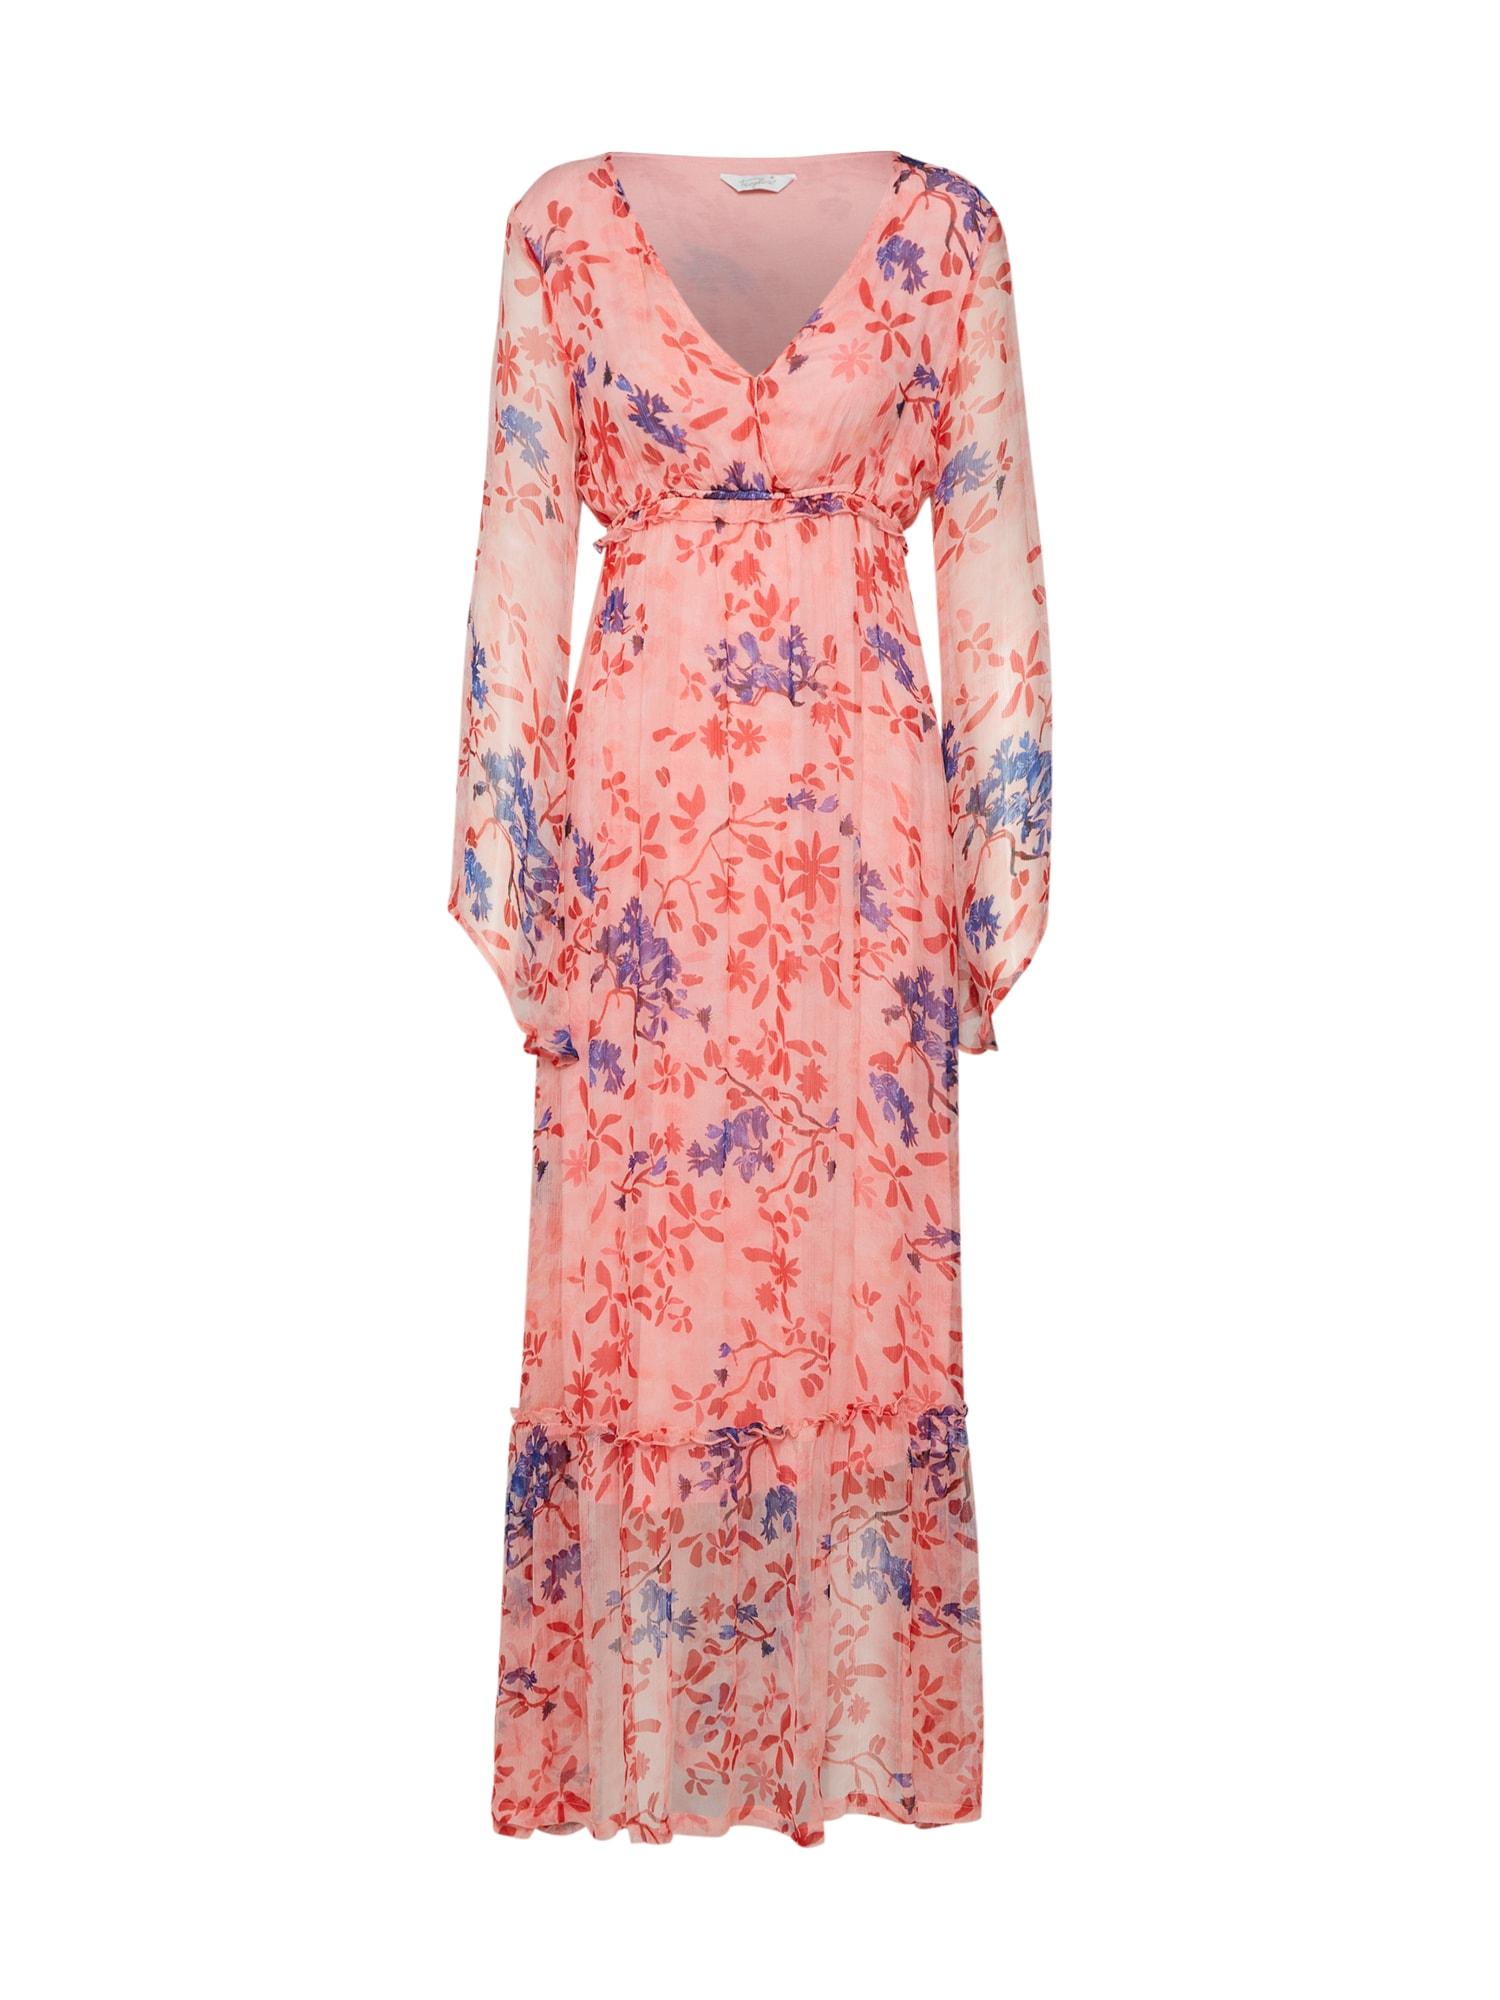 Letní šaty Long Dress Romantic Flowers červená Frogbox